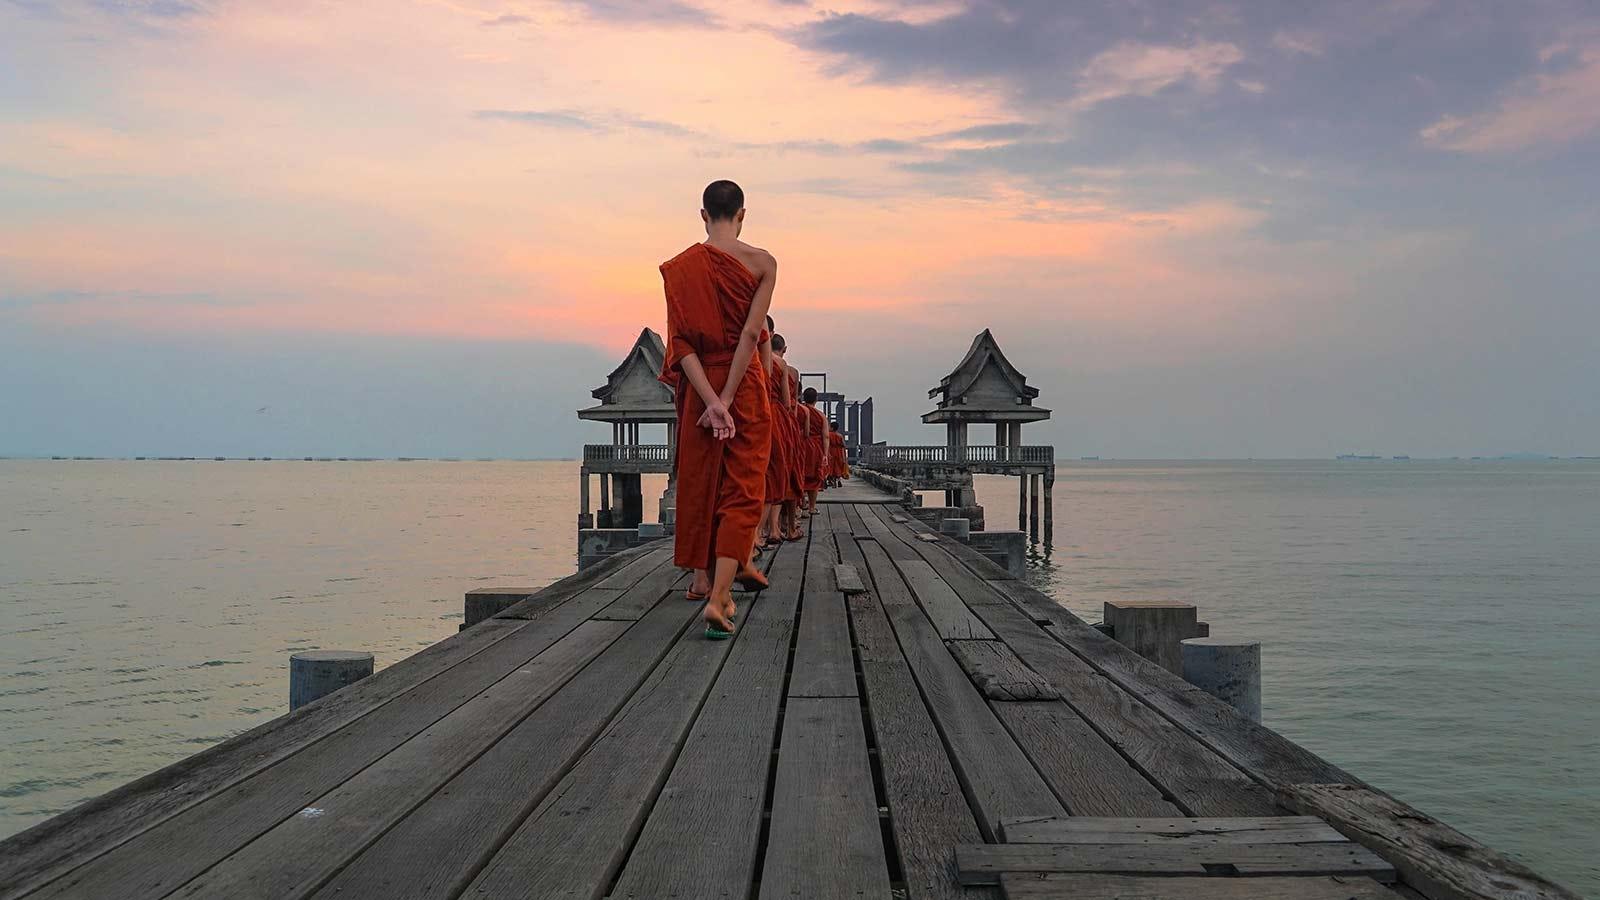 Monks walking down a wooden dock.